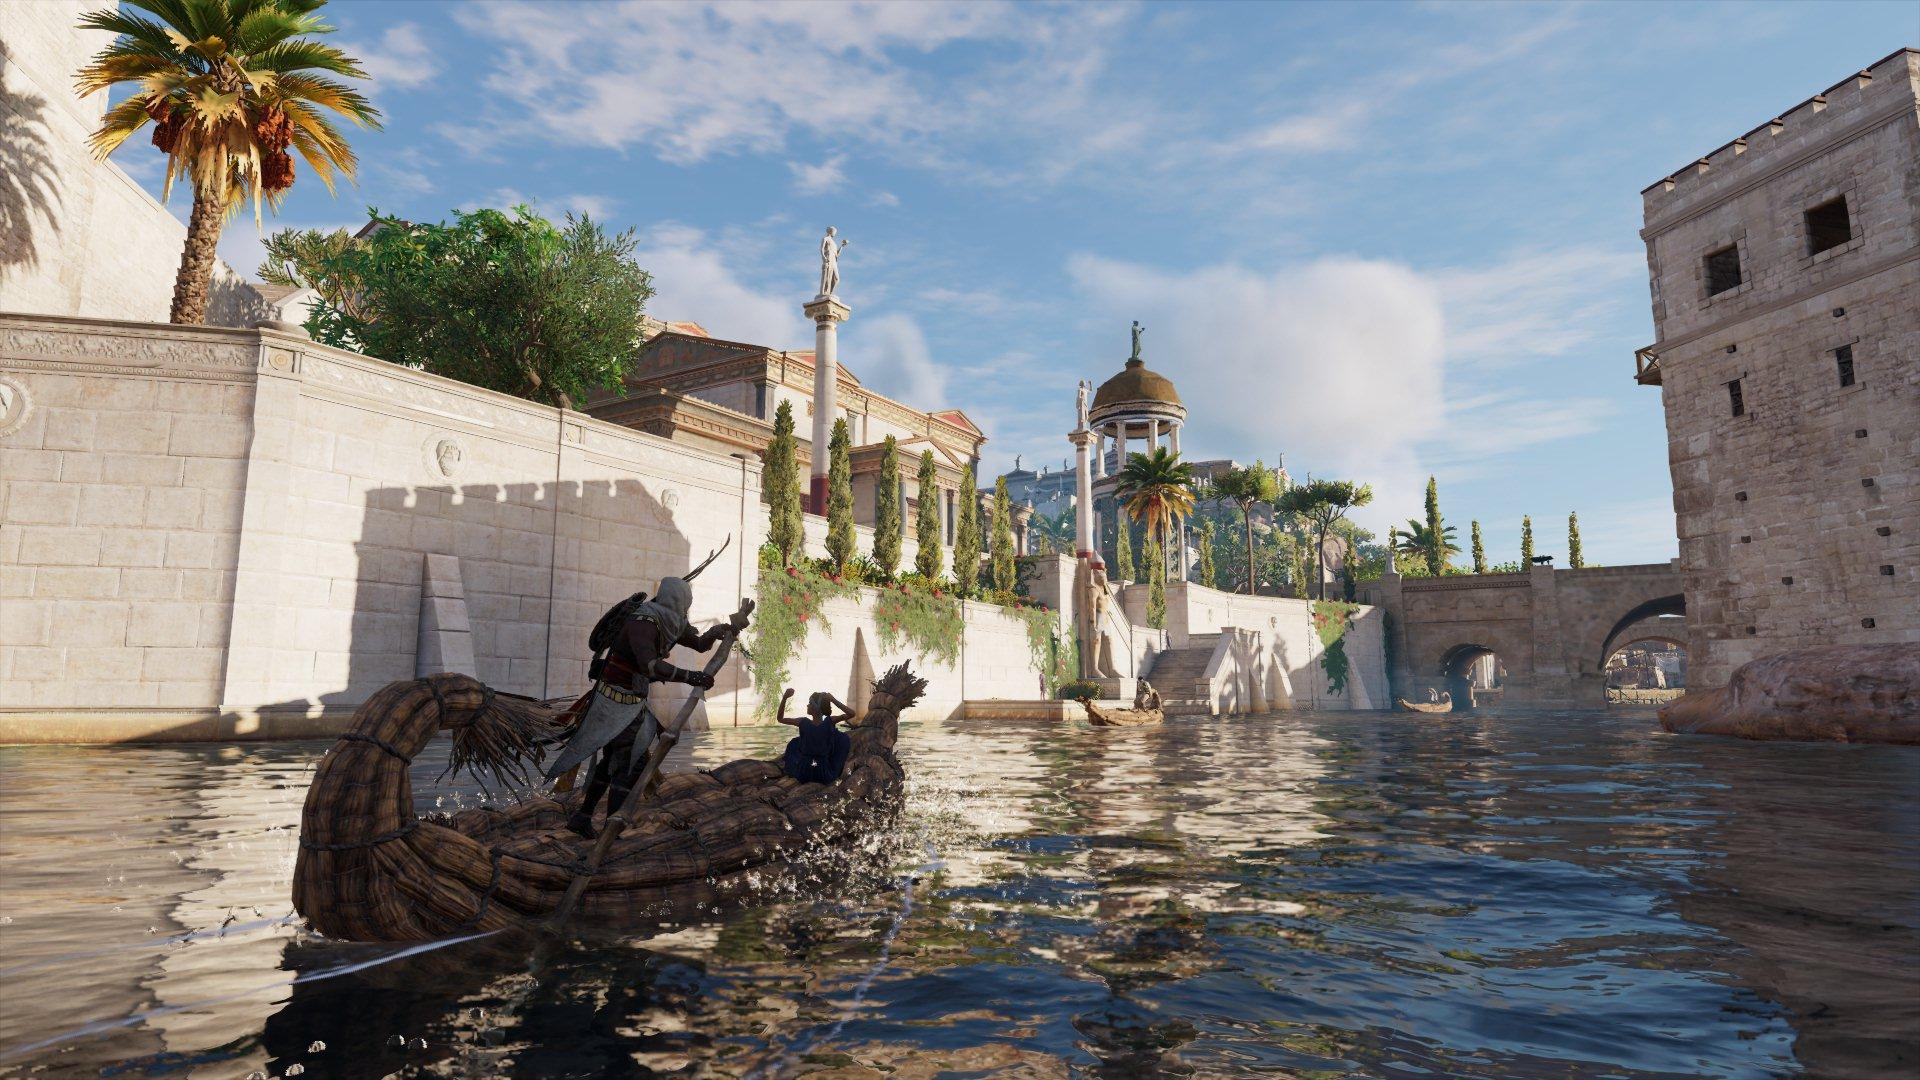 [Review] Assassins Creed Origins